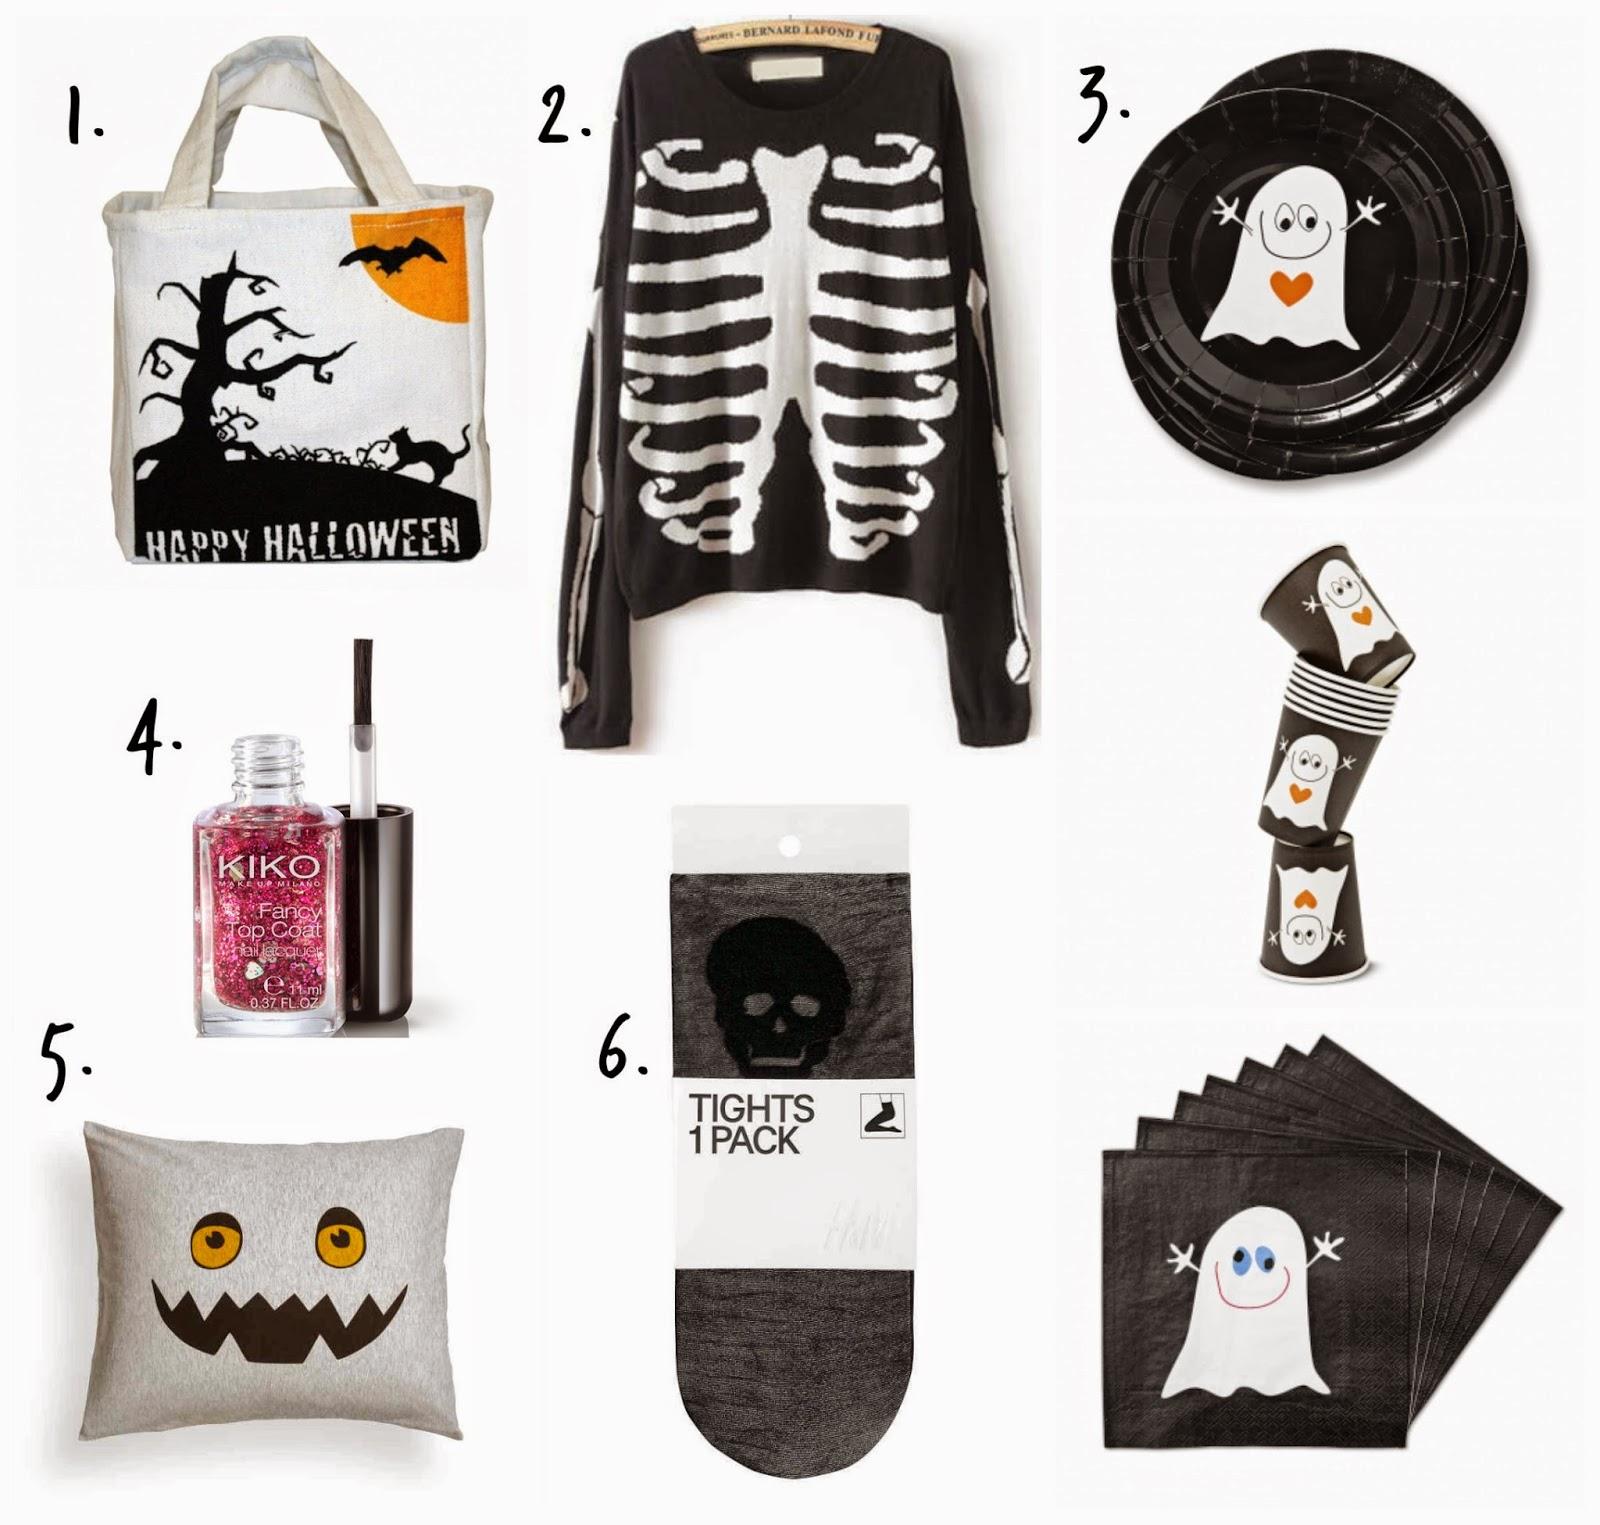 Bolsa de truco o trato, medias de calaveras, esmalte de purpurina, decoraciones de Halloween